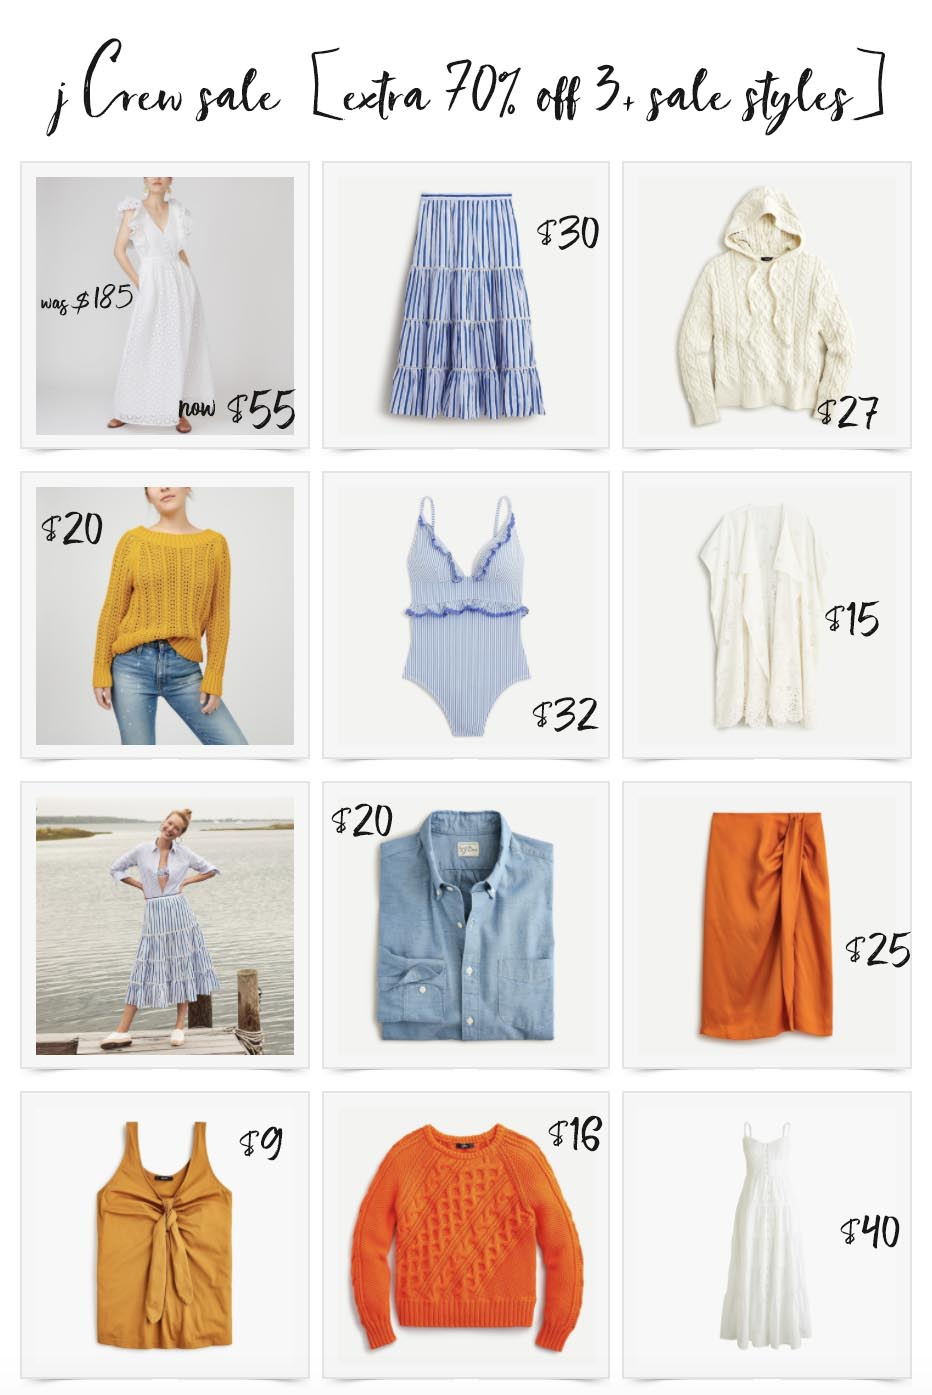 JCrew Sale August